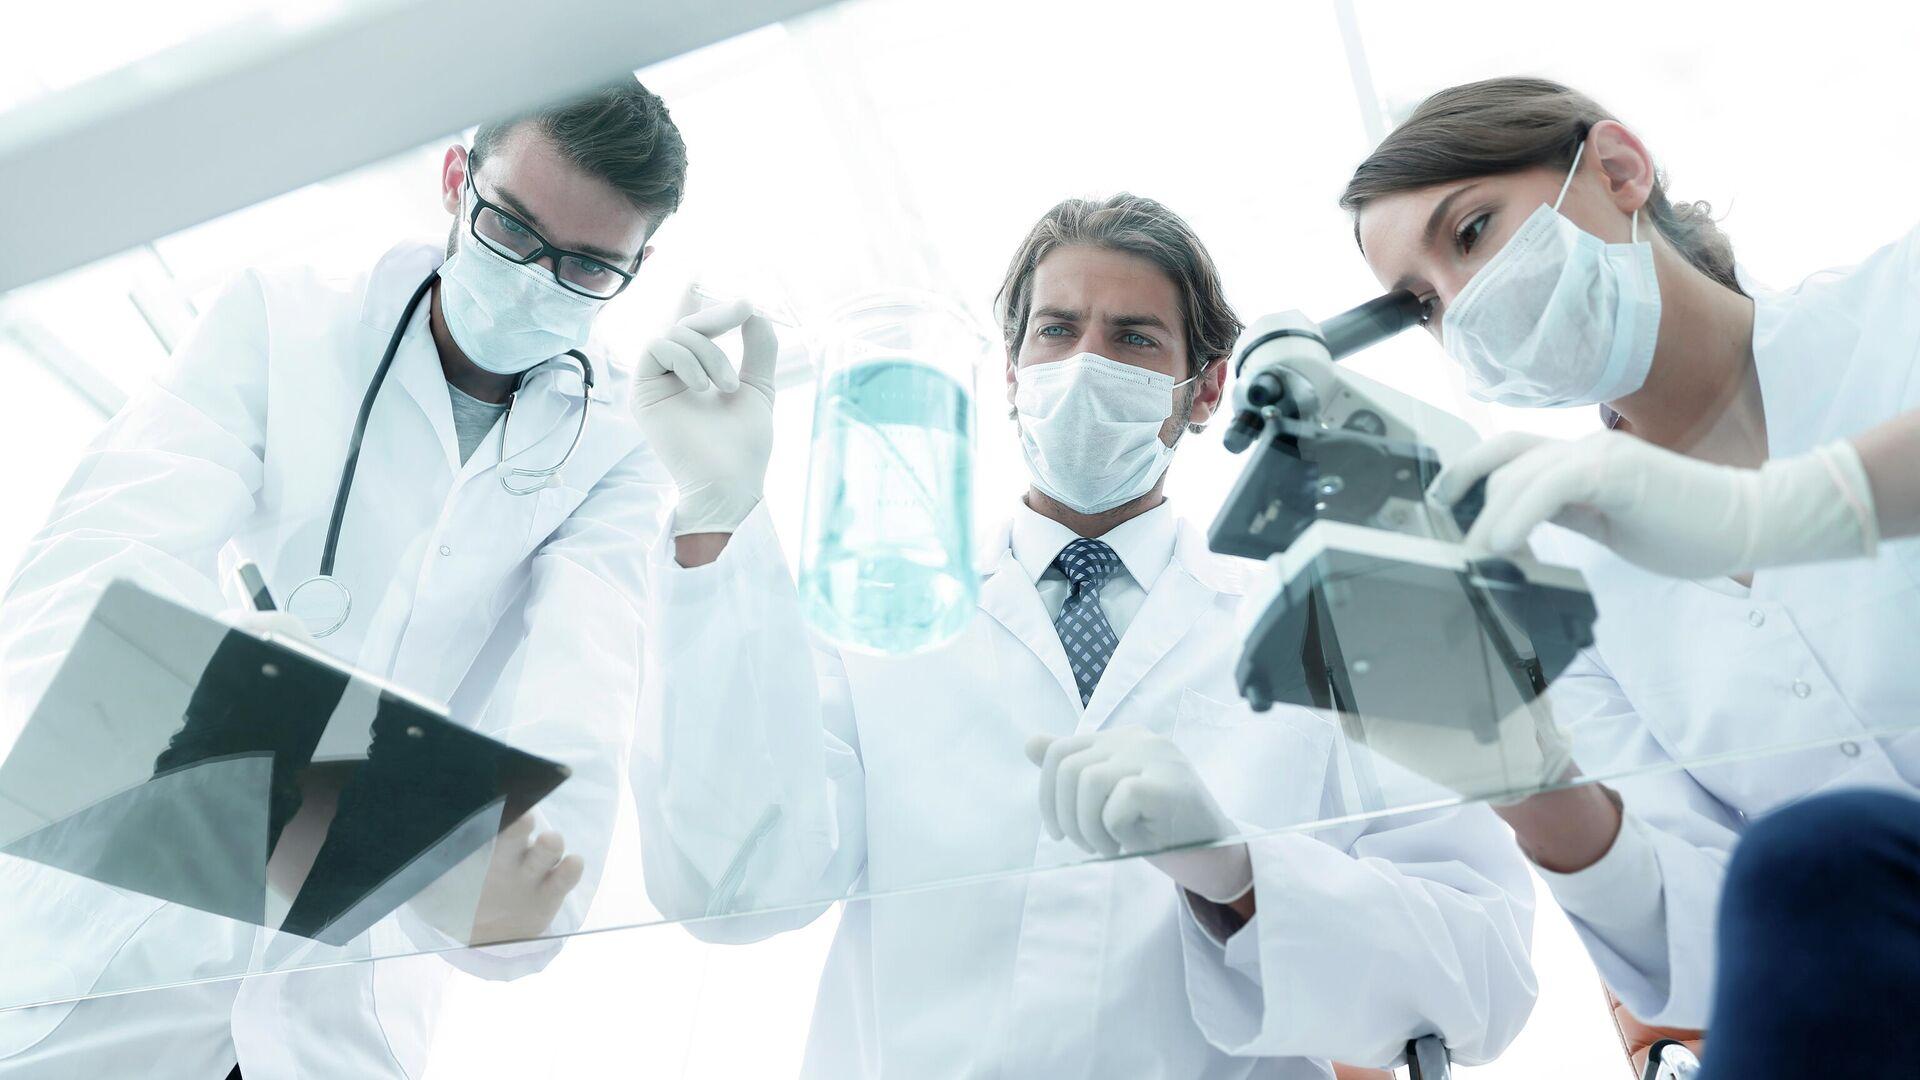 Ученые работают в лаборатории - РИА Новости, 1920, 06.07.2021